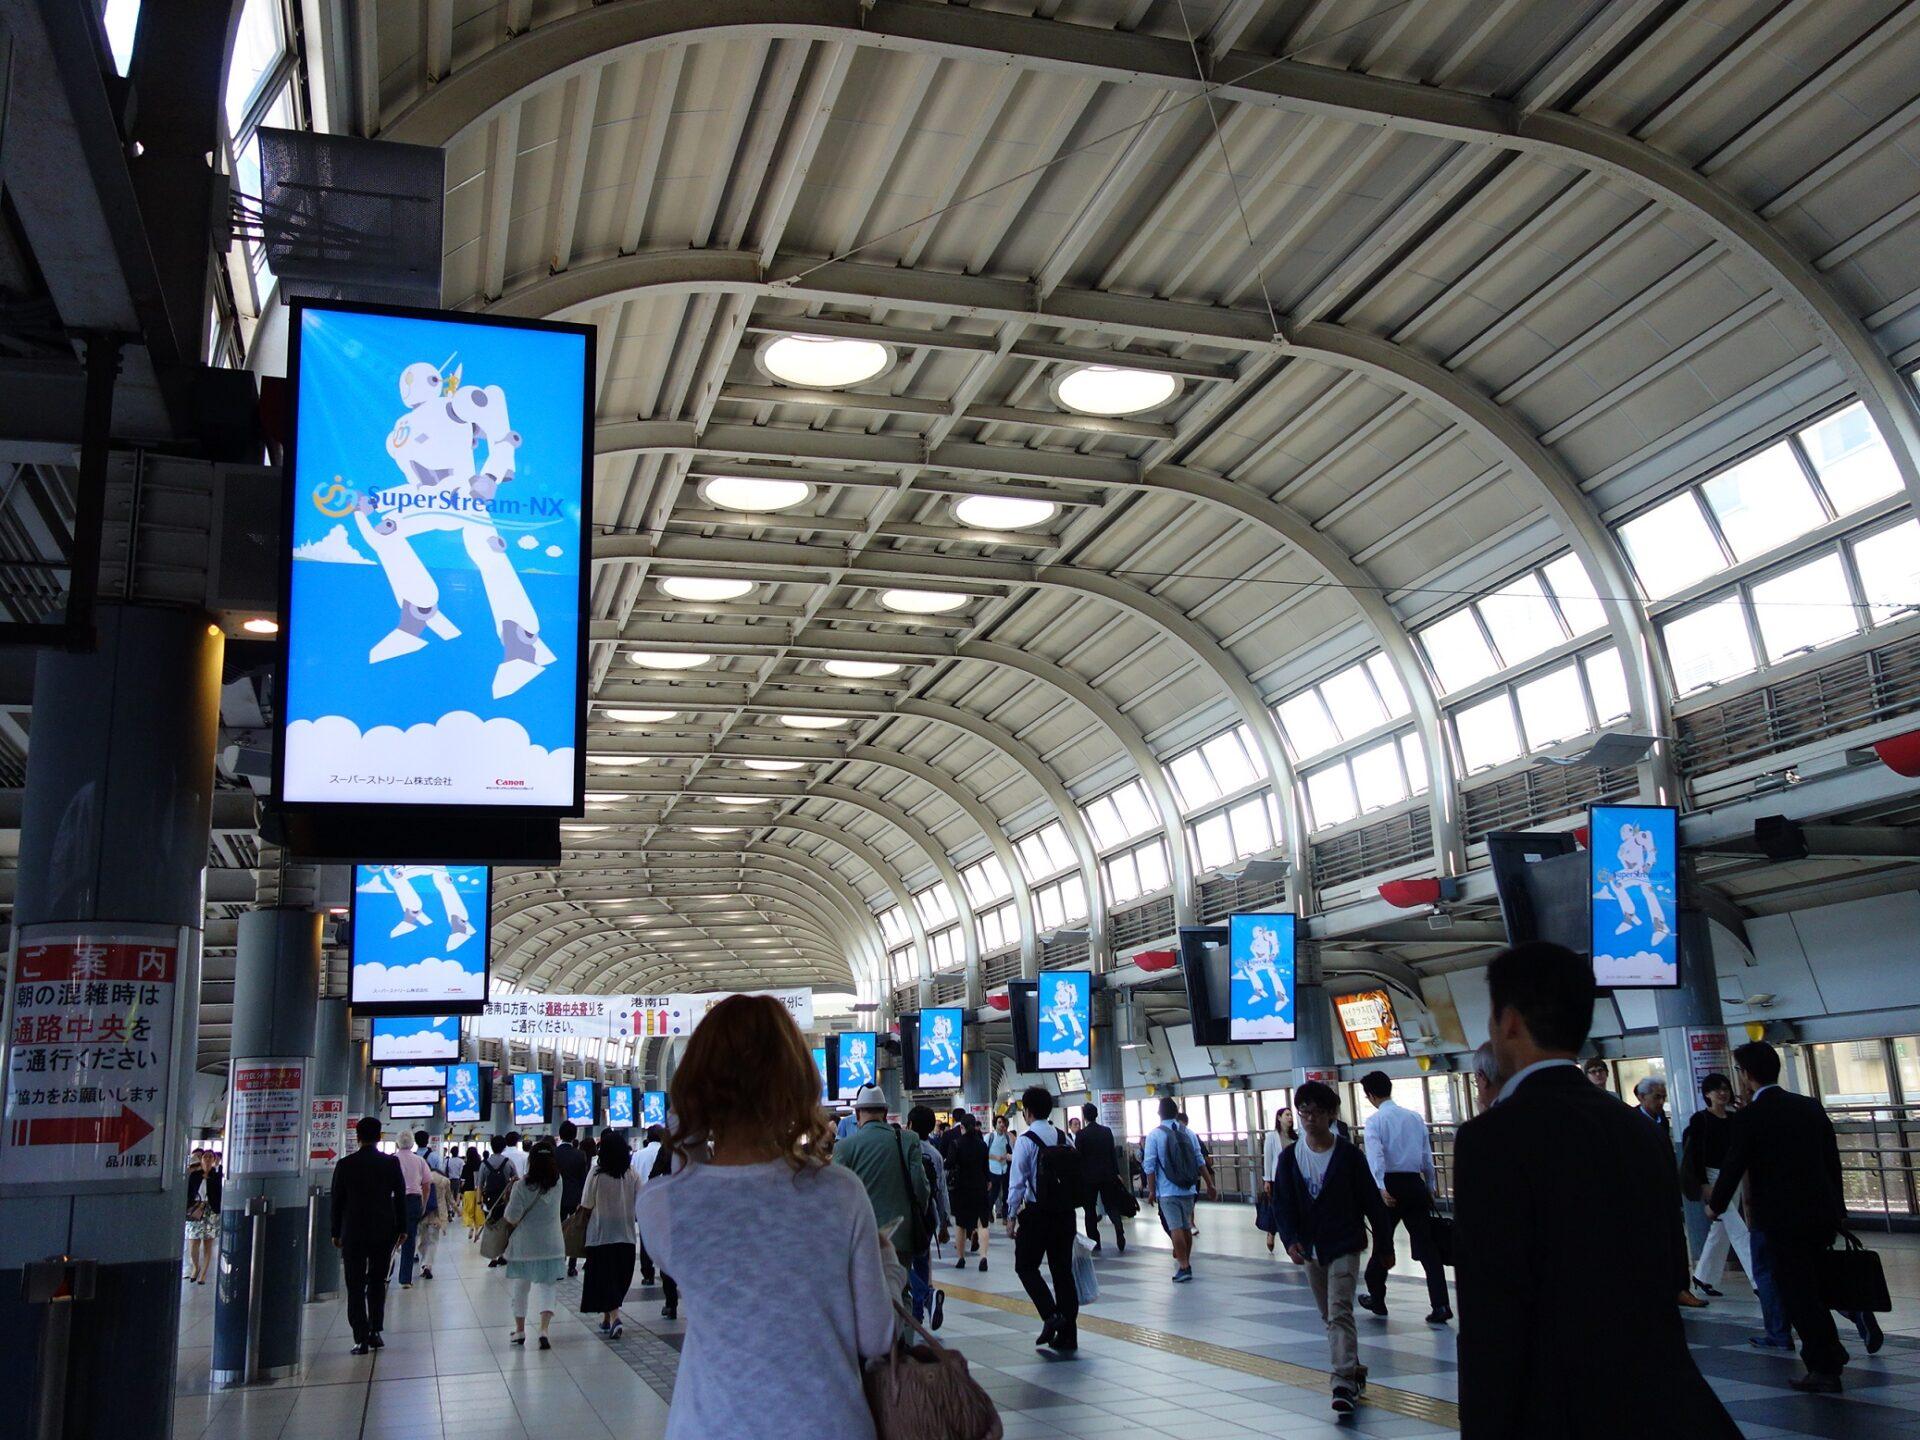 【JR東日本】品川自由通路セット(駅ビジョンの実績)